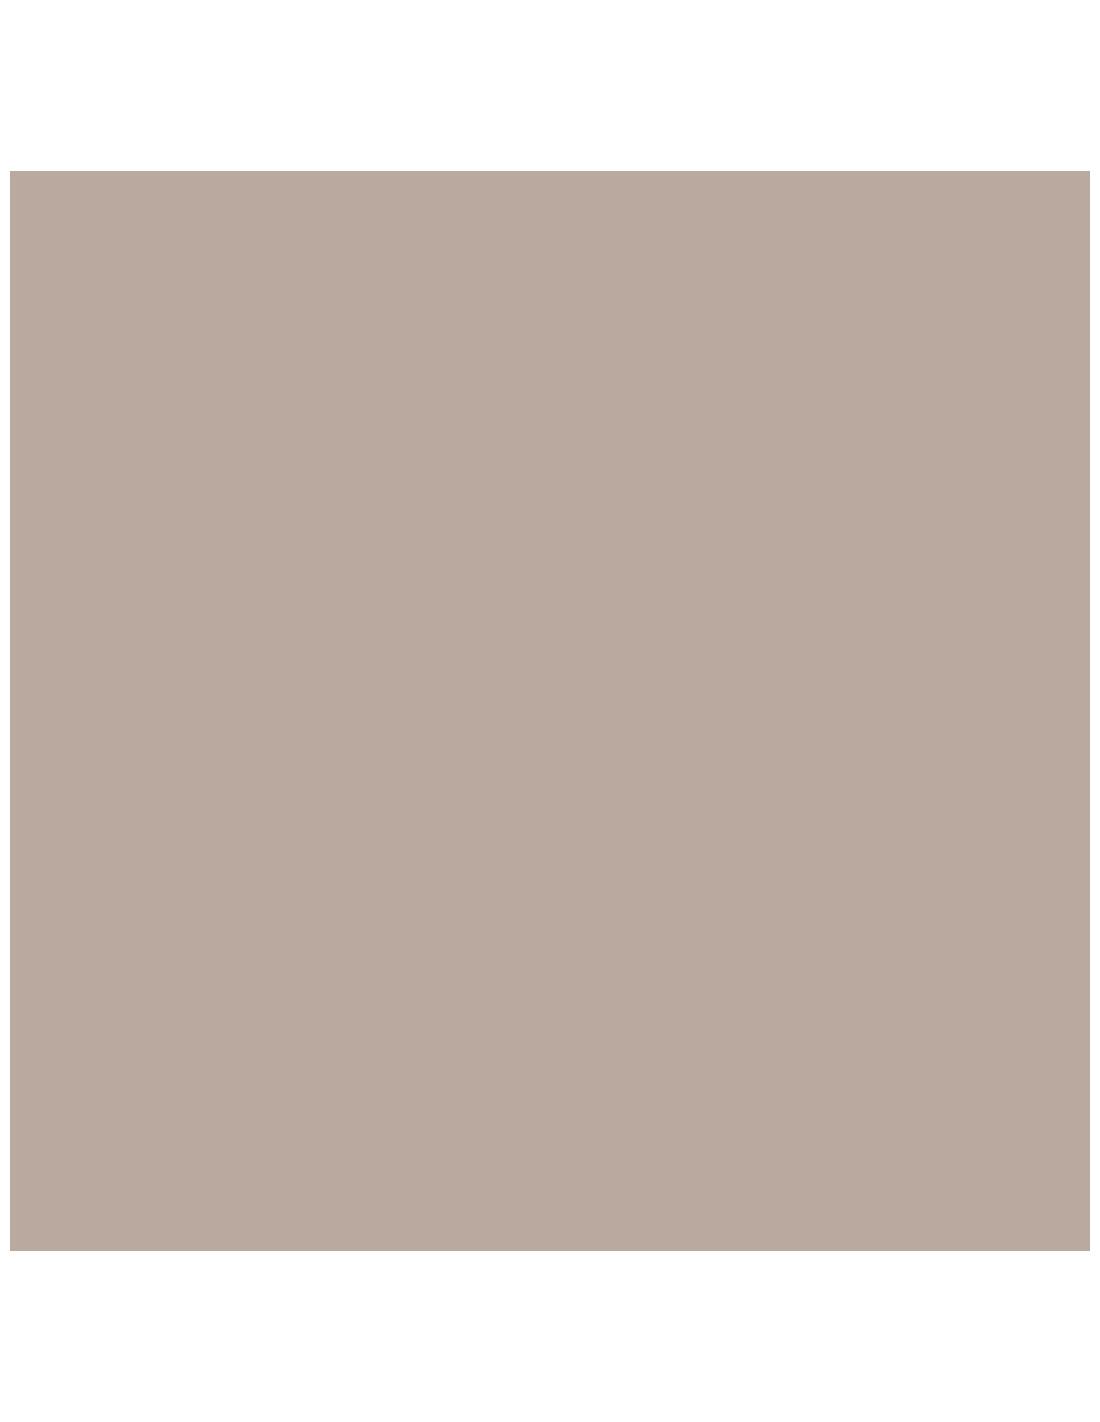 valentine peinture couleur du monde australie clair 2 5l hyper brico. Black Bedroom Furniture Sets. Home Design Ideas